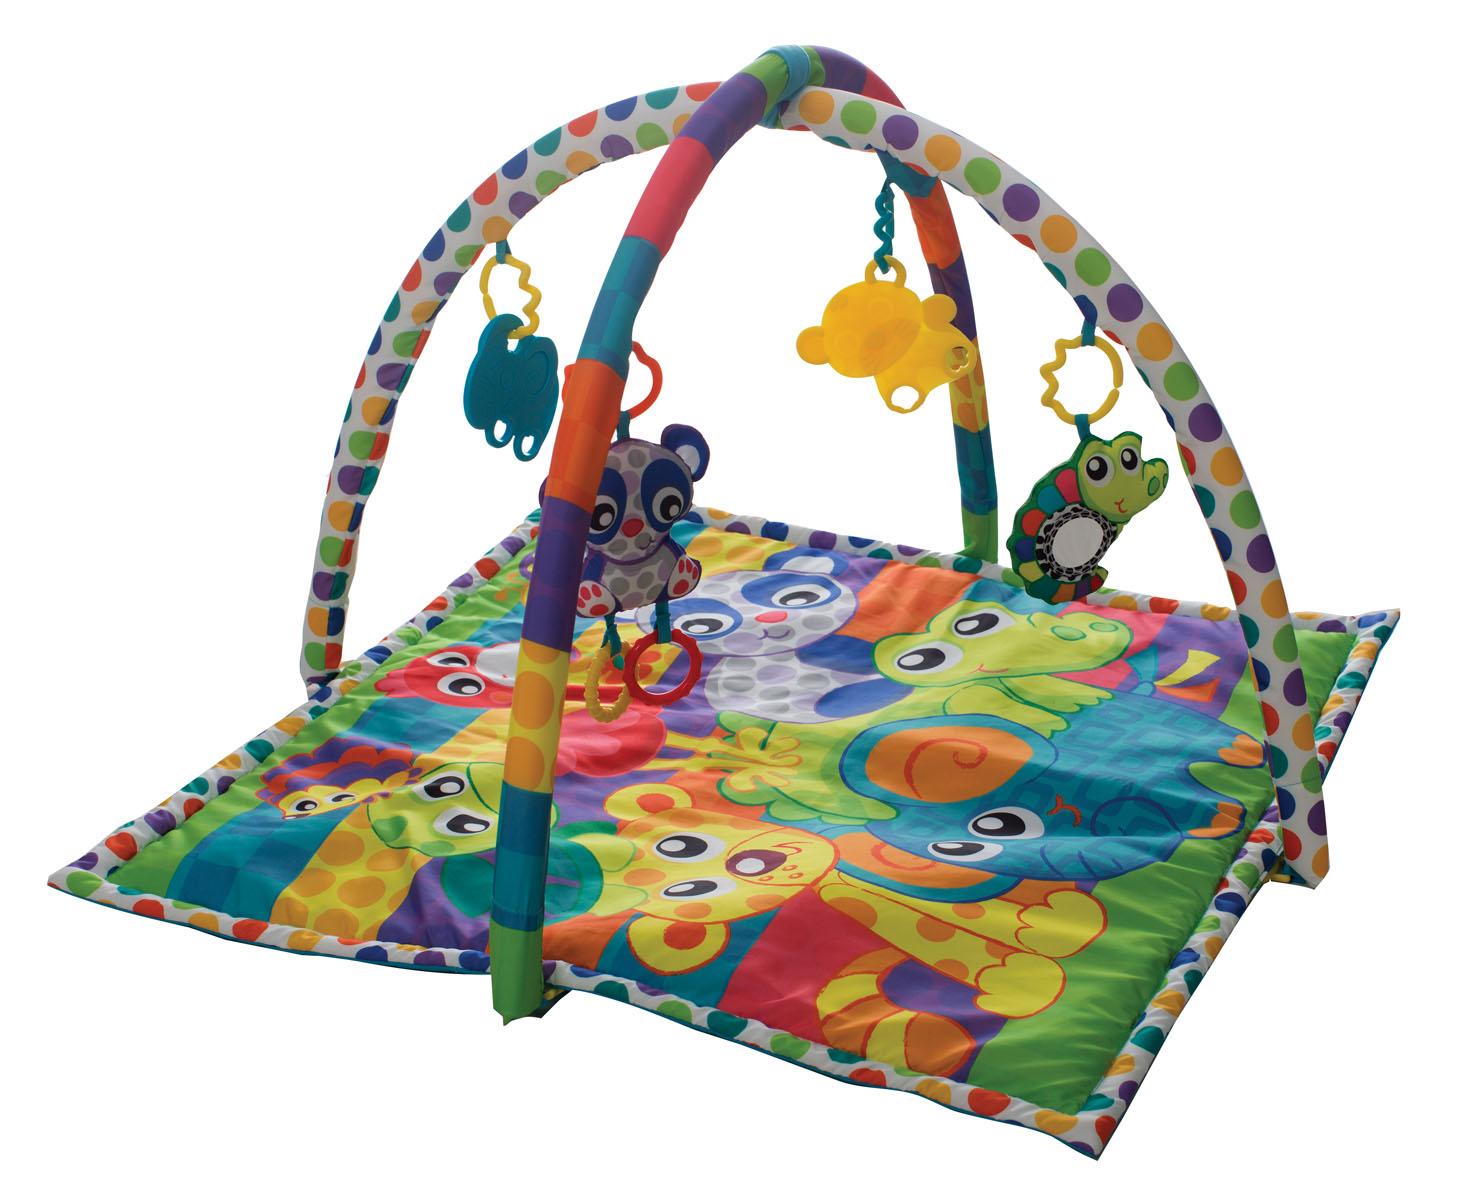 Playgro Развыивающий коврик В мире животных0185477Игровой центр с двумя дугами и 4-мя подвесками 2 пластиковые и 2 текстильные с пластиковыми вставками. Подвески легко снимаются и могут использоваться отдельно. Способствует развитию визуального восприятия, тактильных ощущений, моторики.Размеры коврика в развернутом виде: 70х63,5х56 см